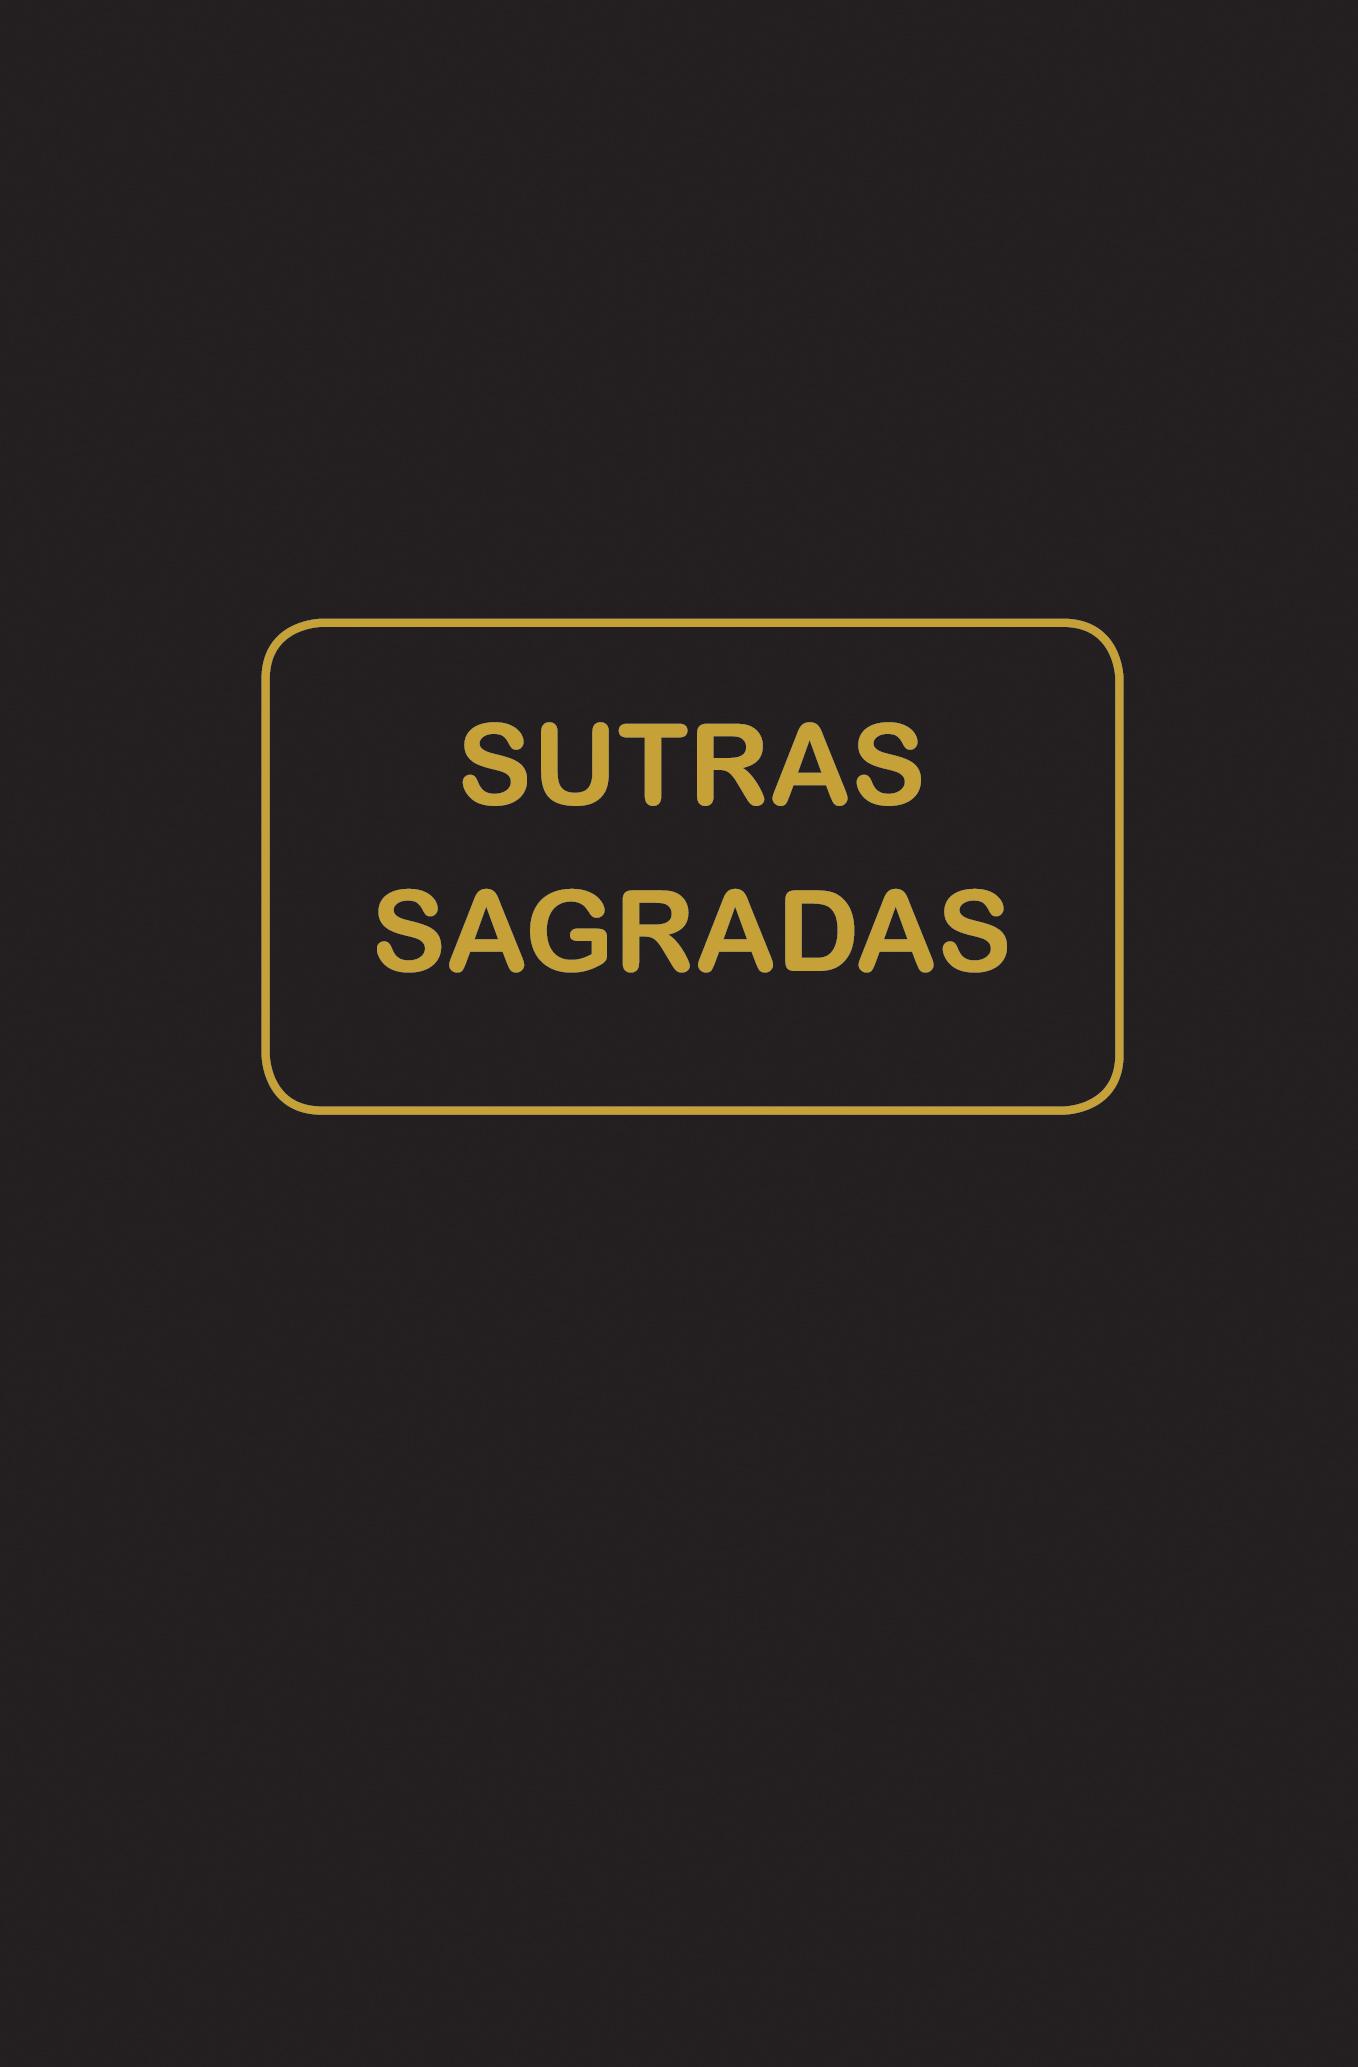 Sutras Sagradas